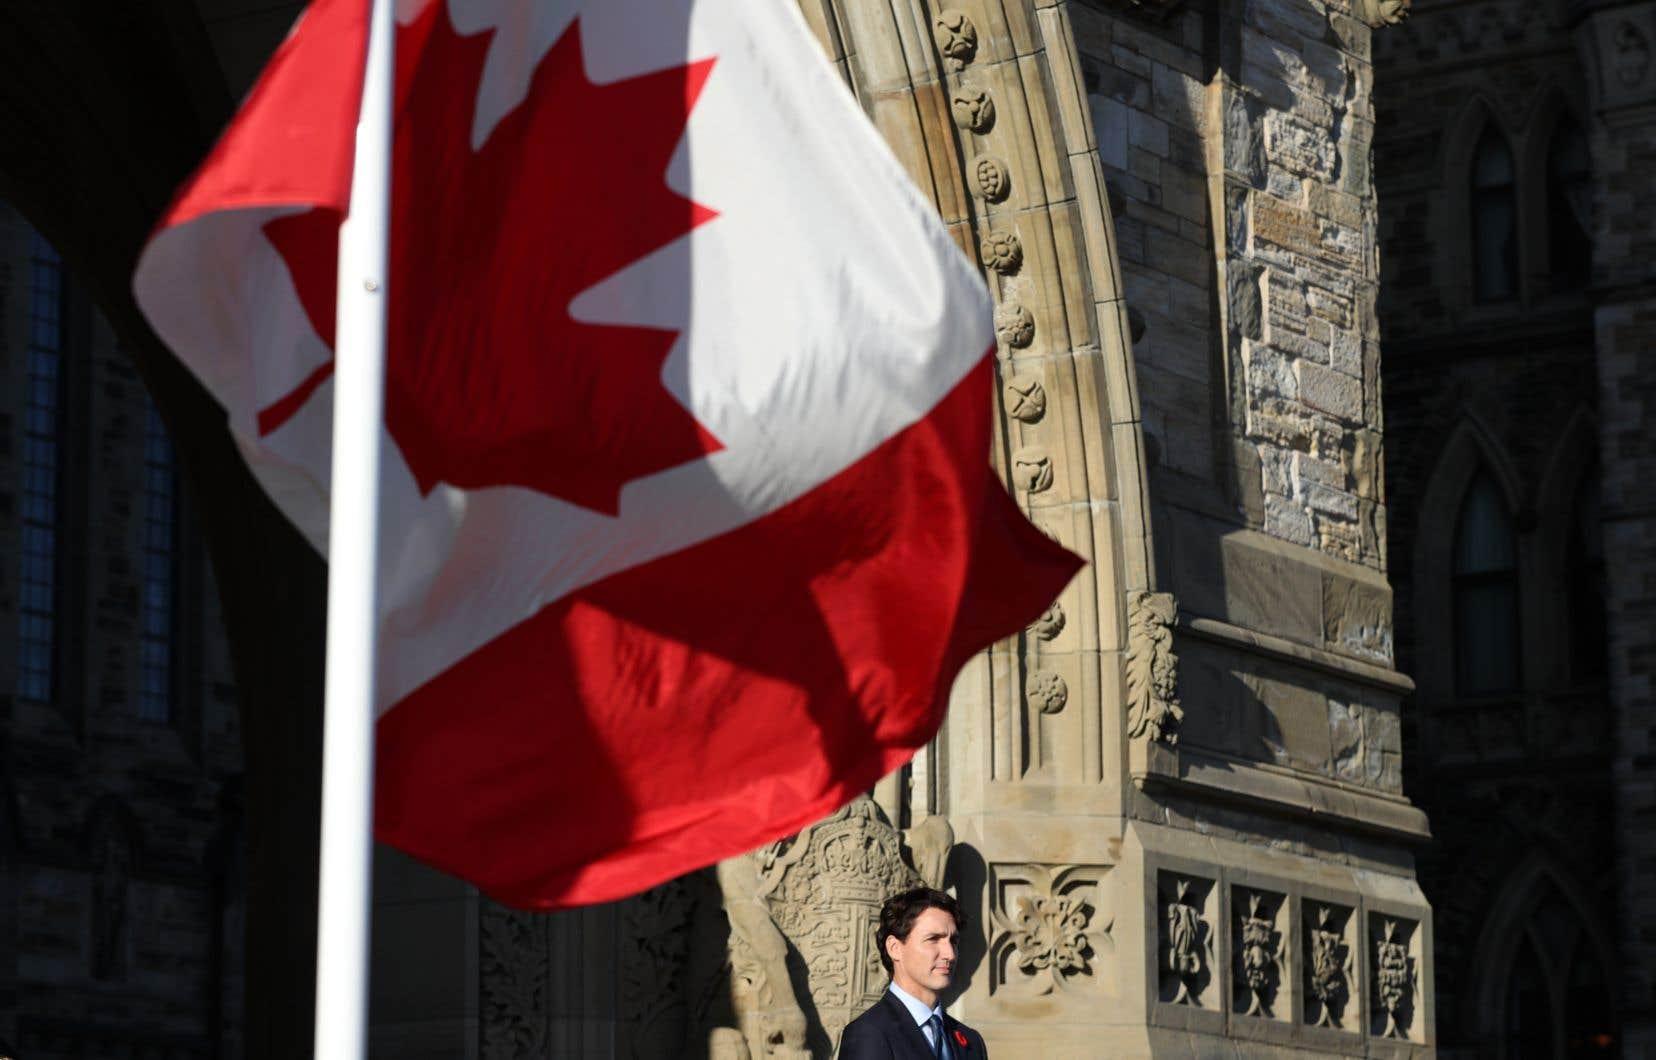 «On peine à comprendre comment le gouvernement canadien peut se montrer plus réservé dans ses positions que le Conseil de sécurité et la CIJ.»